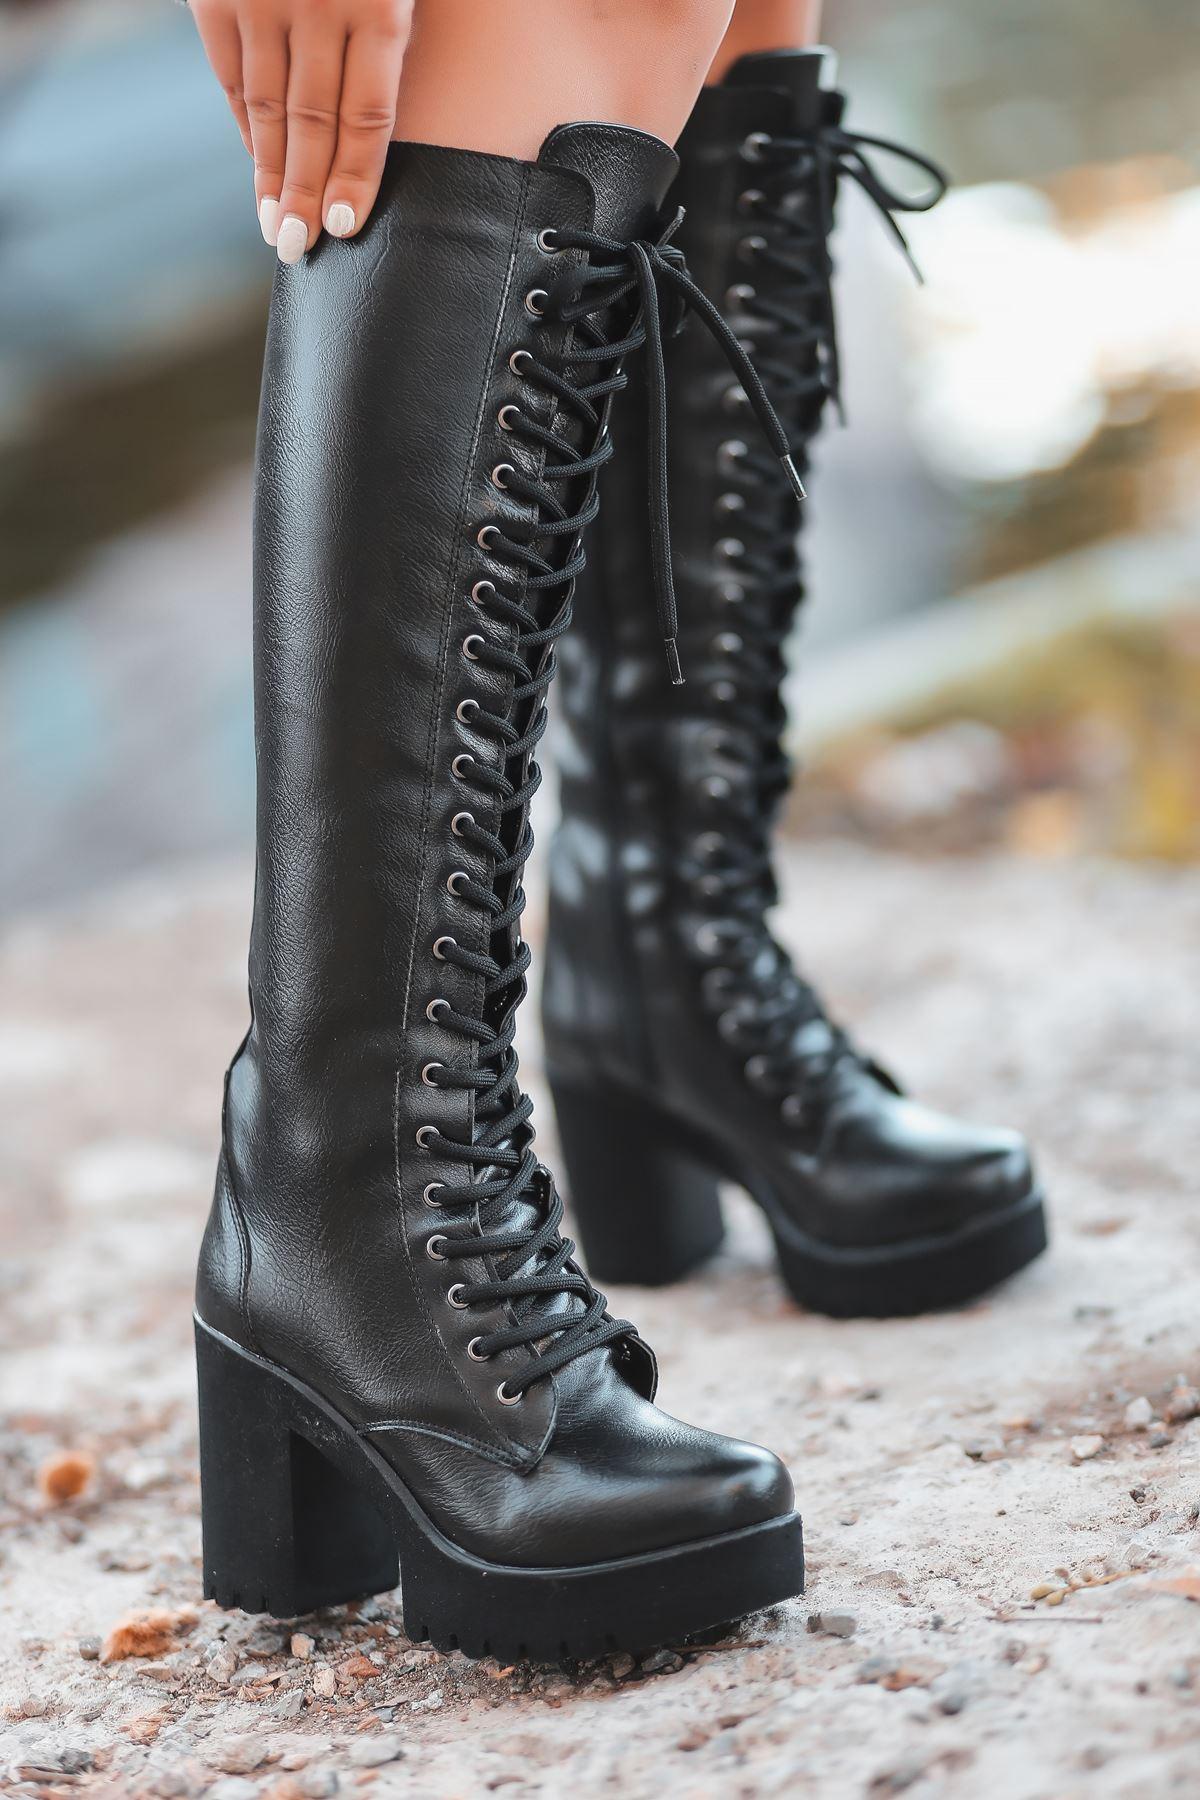 Rock Bağcık Detay Fermuarlı Siyah Kadın Çizme